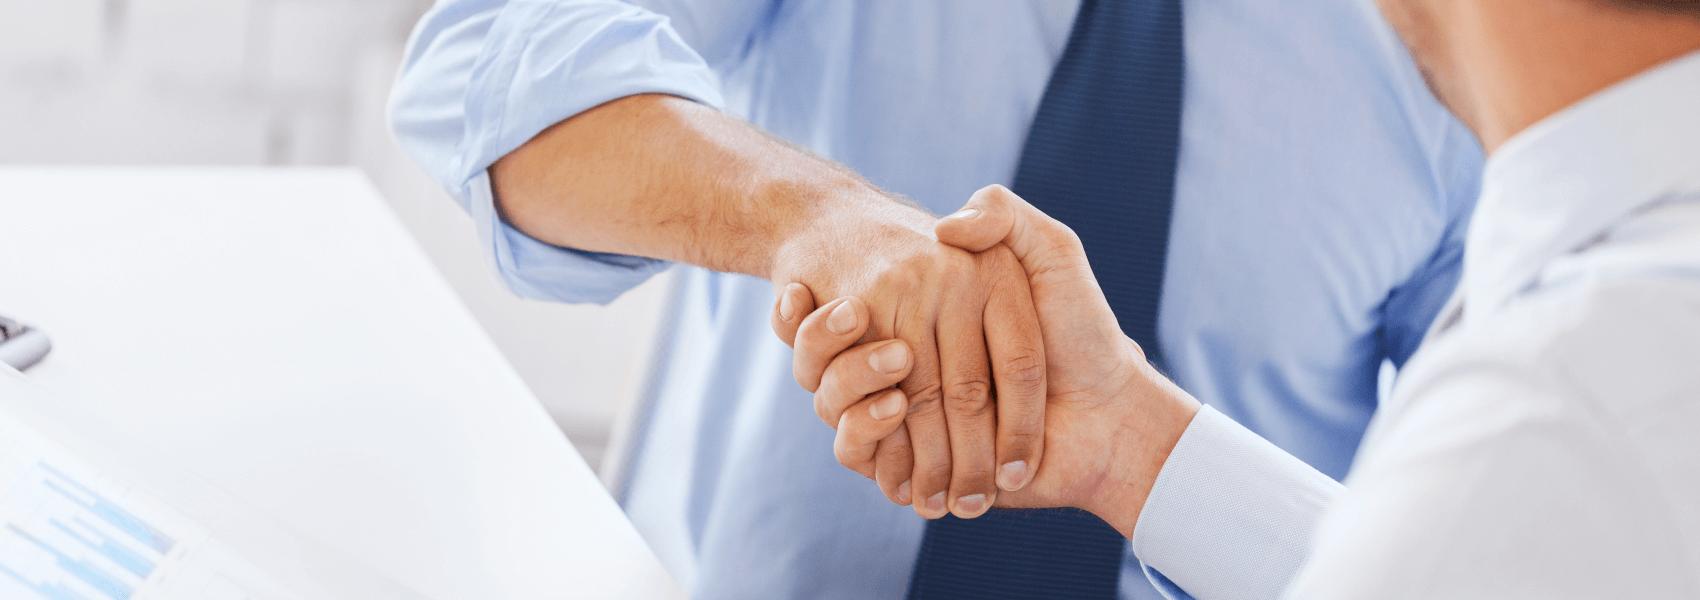 Podanie dłoni po podpisaniu umowy na stworzenie strony internetowej